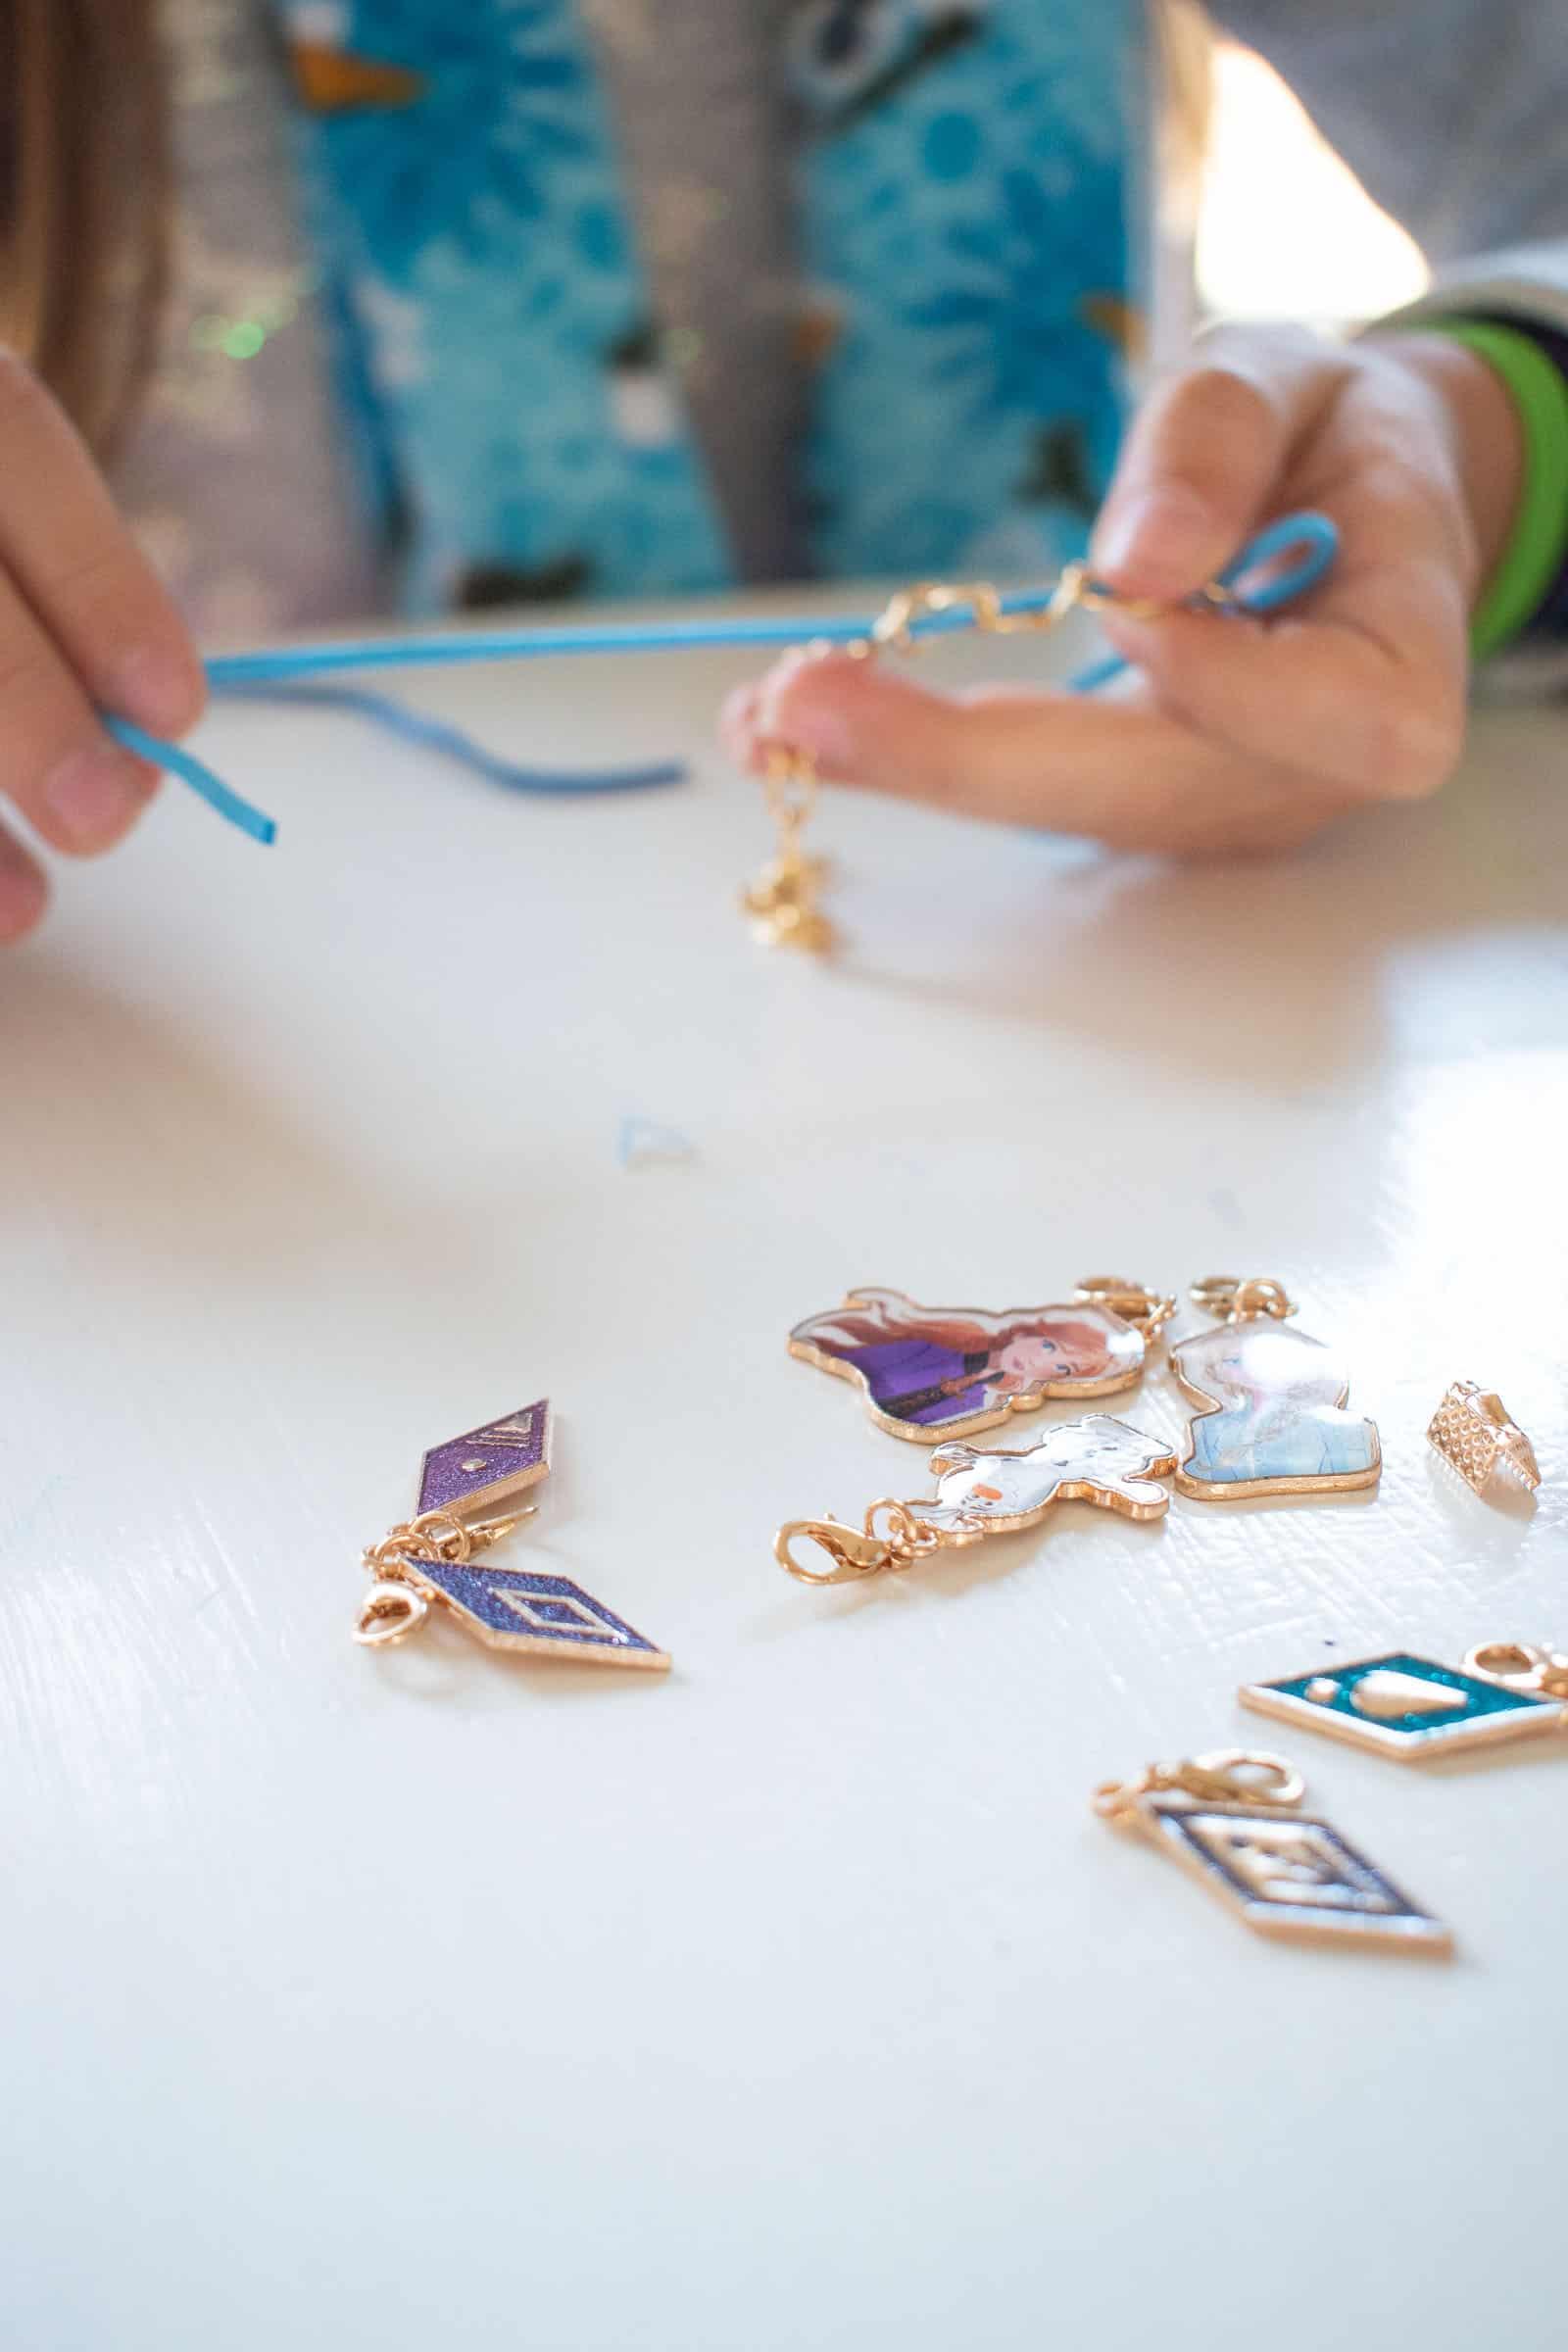 frozen jewelry kit